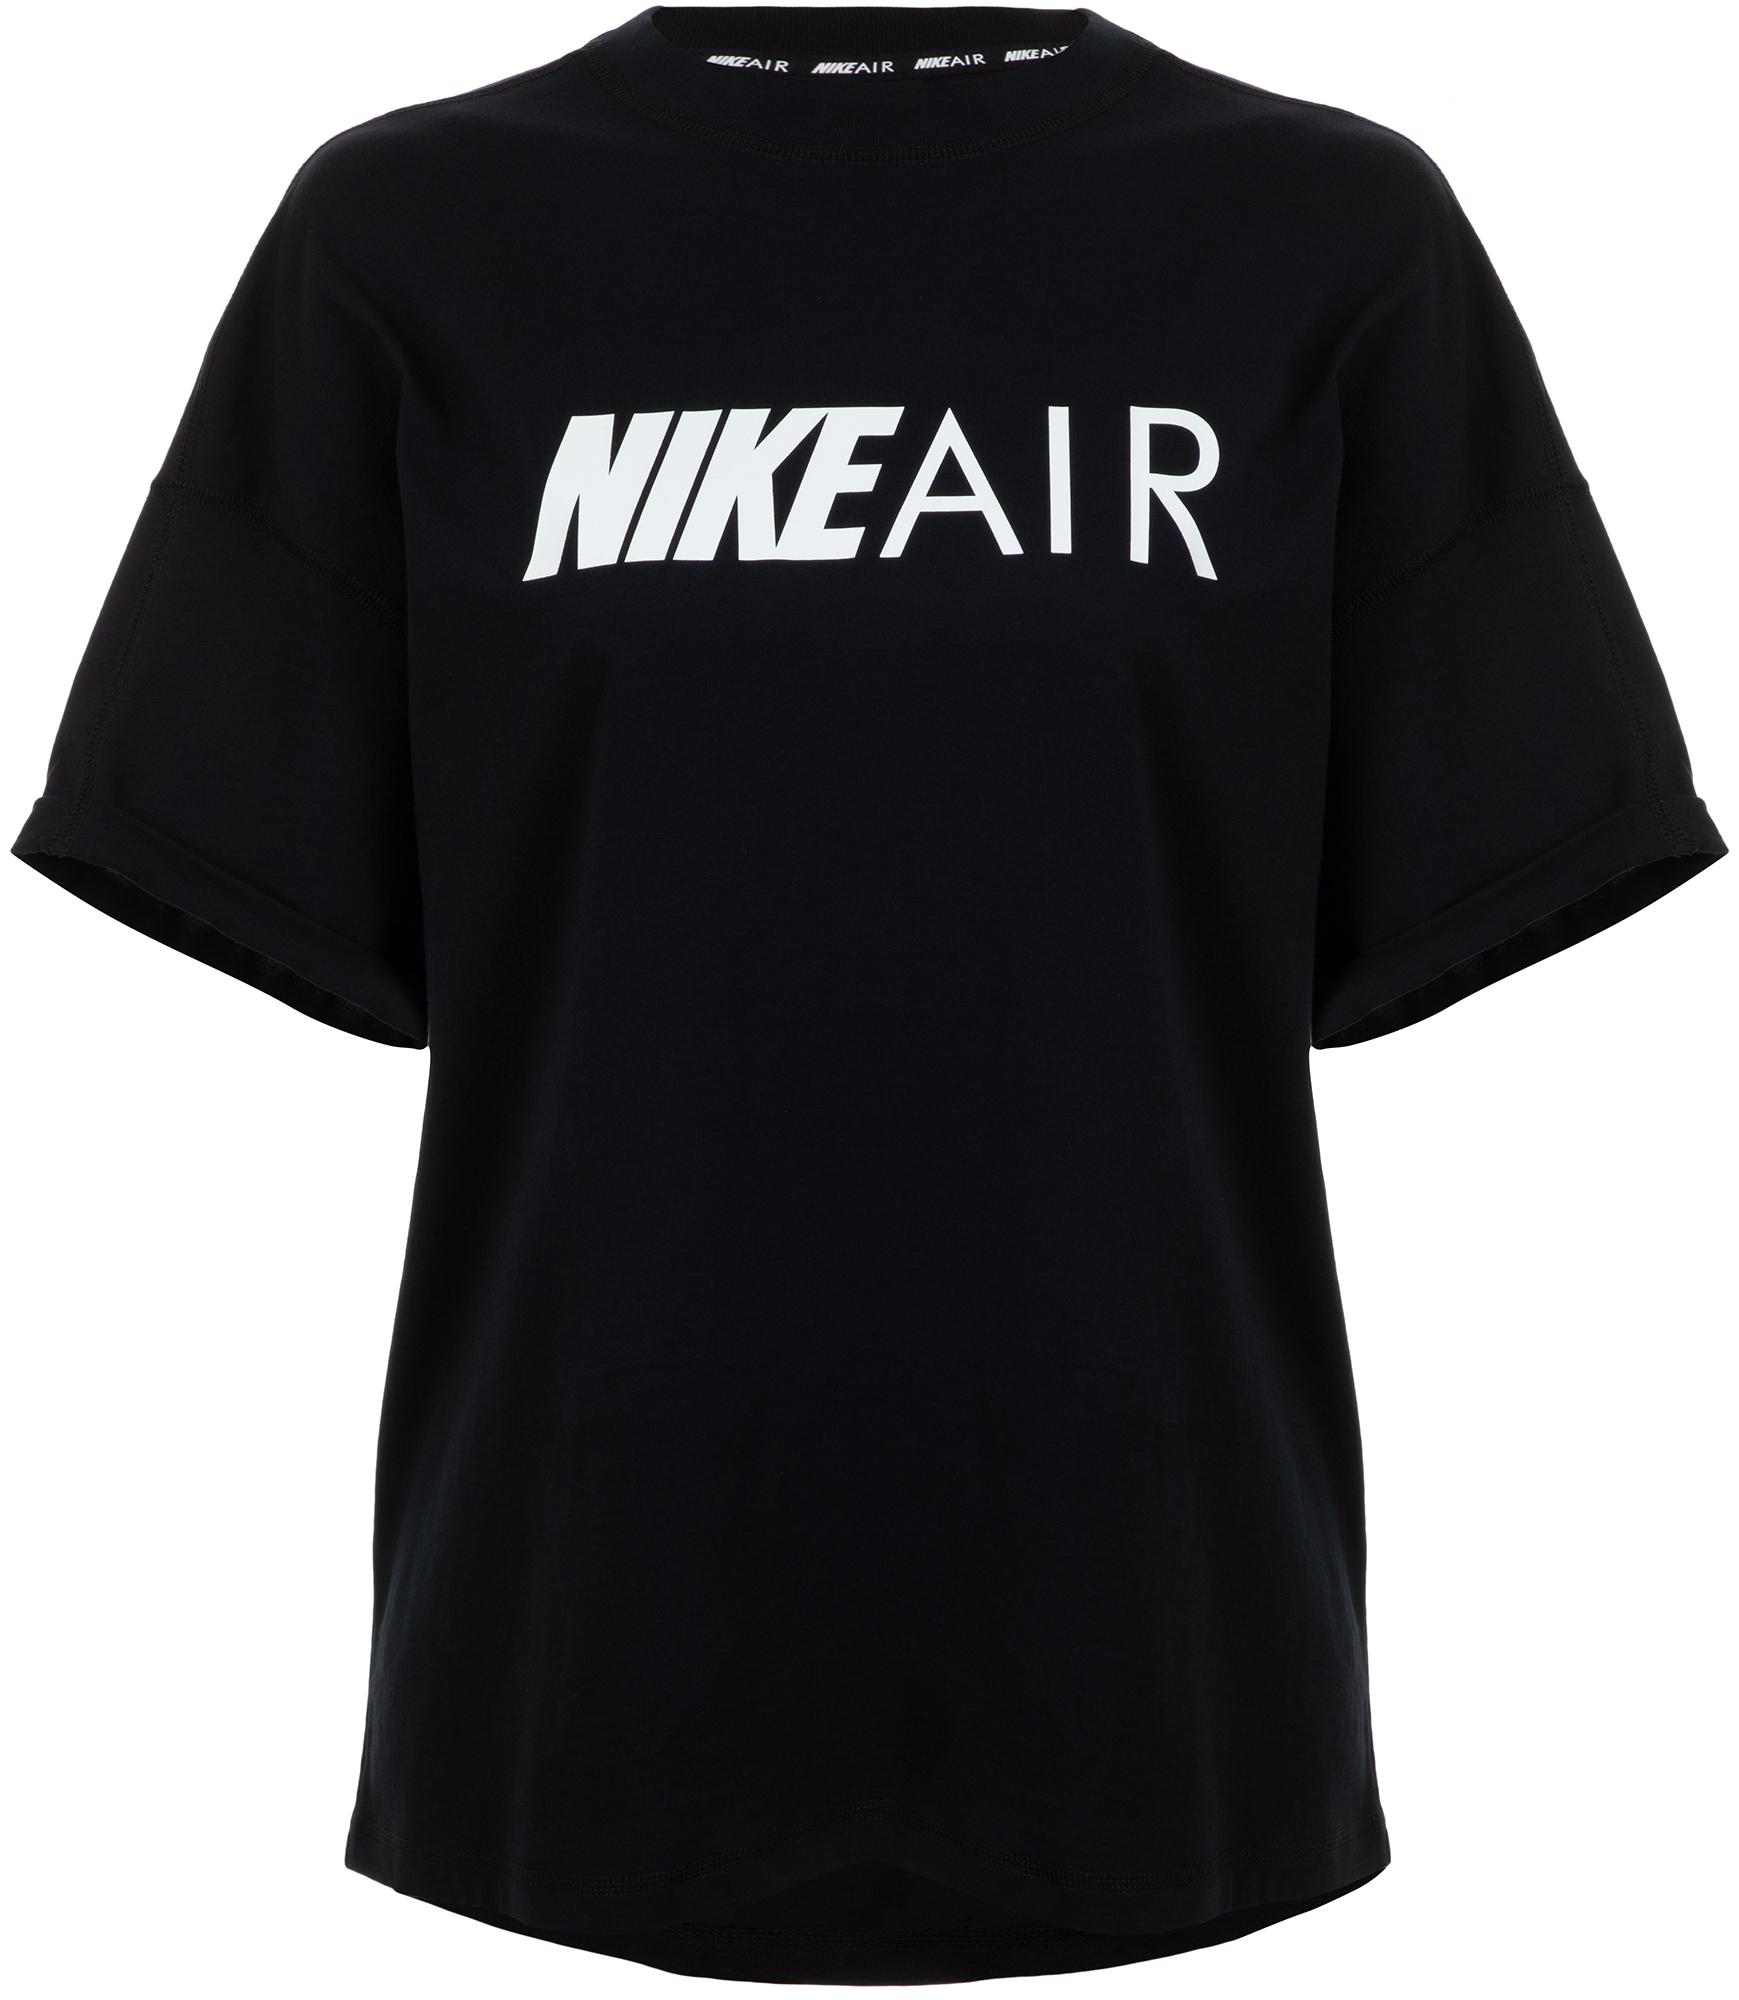 цена на Nike Футболка женская Nike Air, размер 42-44